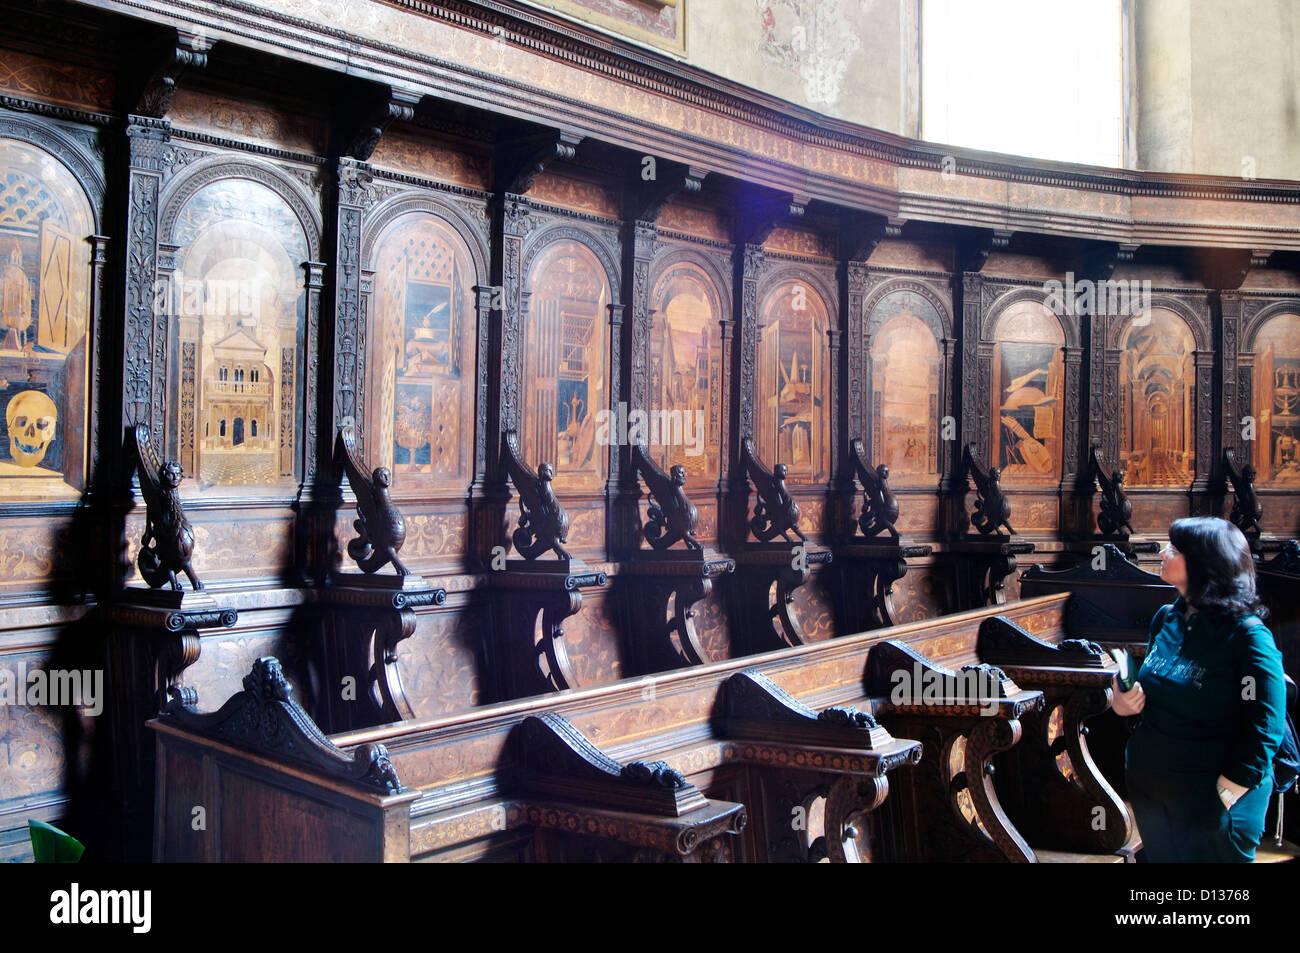 Italia, Venecia, Verona, Iglesia de Santa Maria in Organo, sillería del coro Imagen De Stock